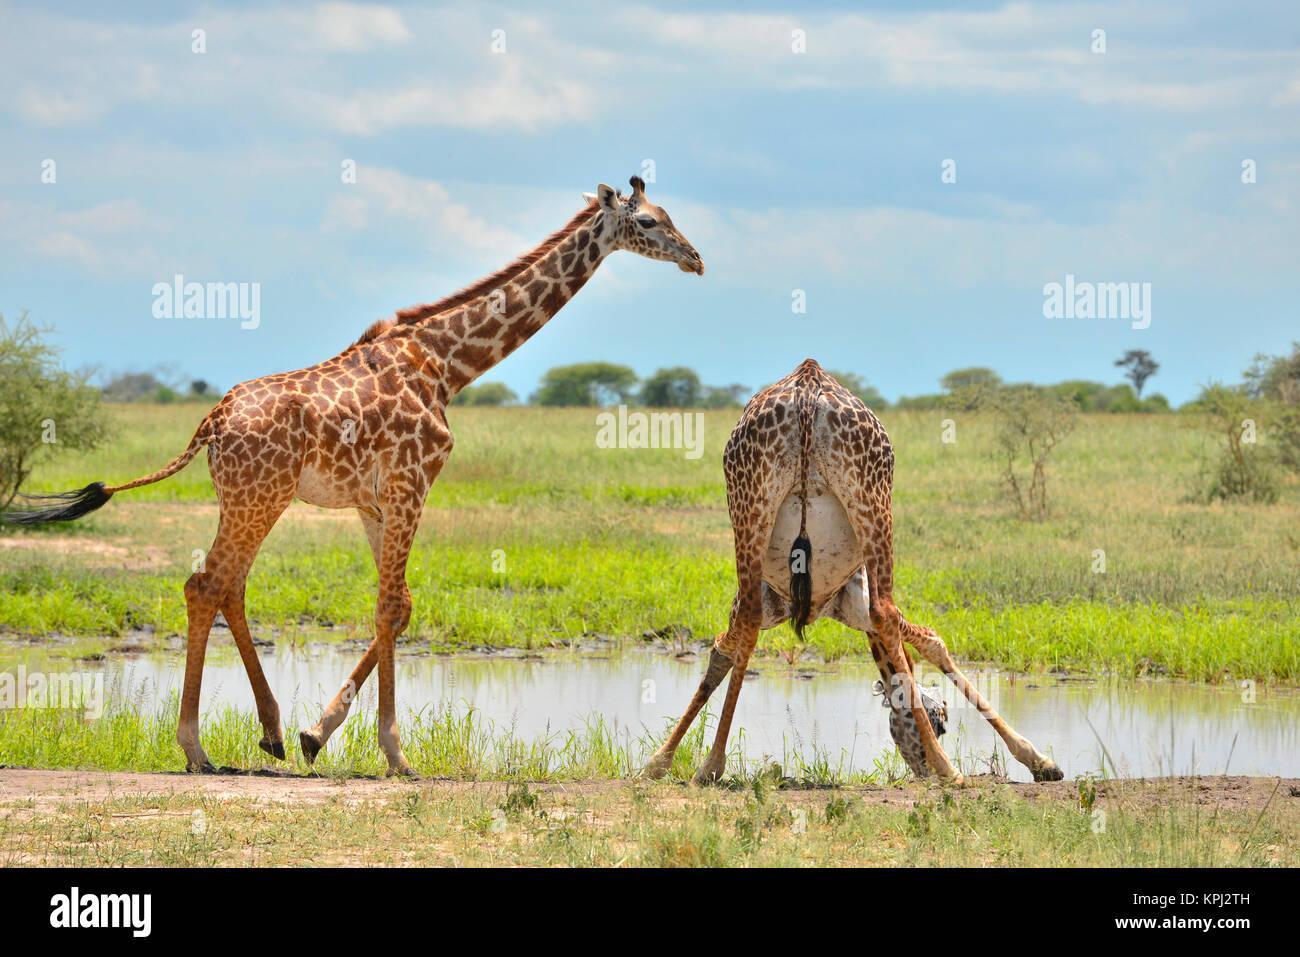 Parc national de Tarangire en Tanzanie est un bijou avec de beaux paysages le long de la rivière Tarangire. Photo Stock